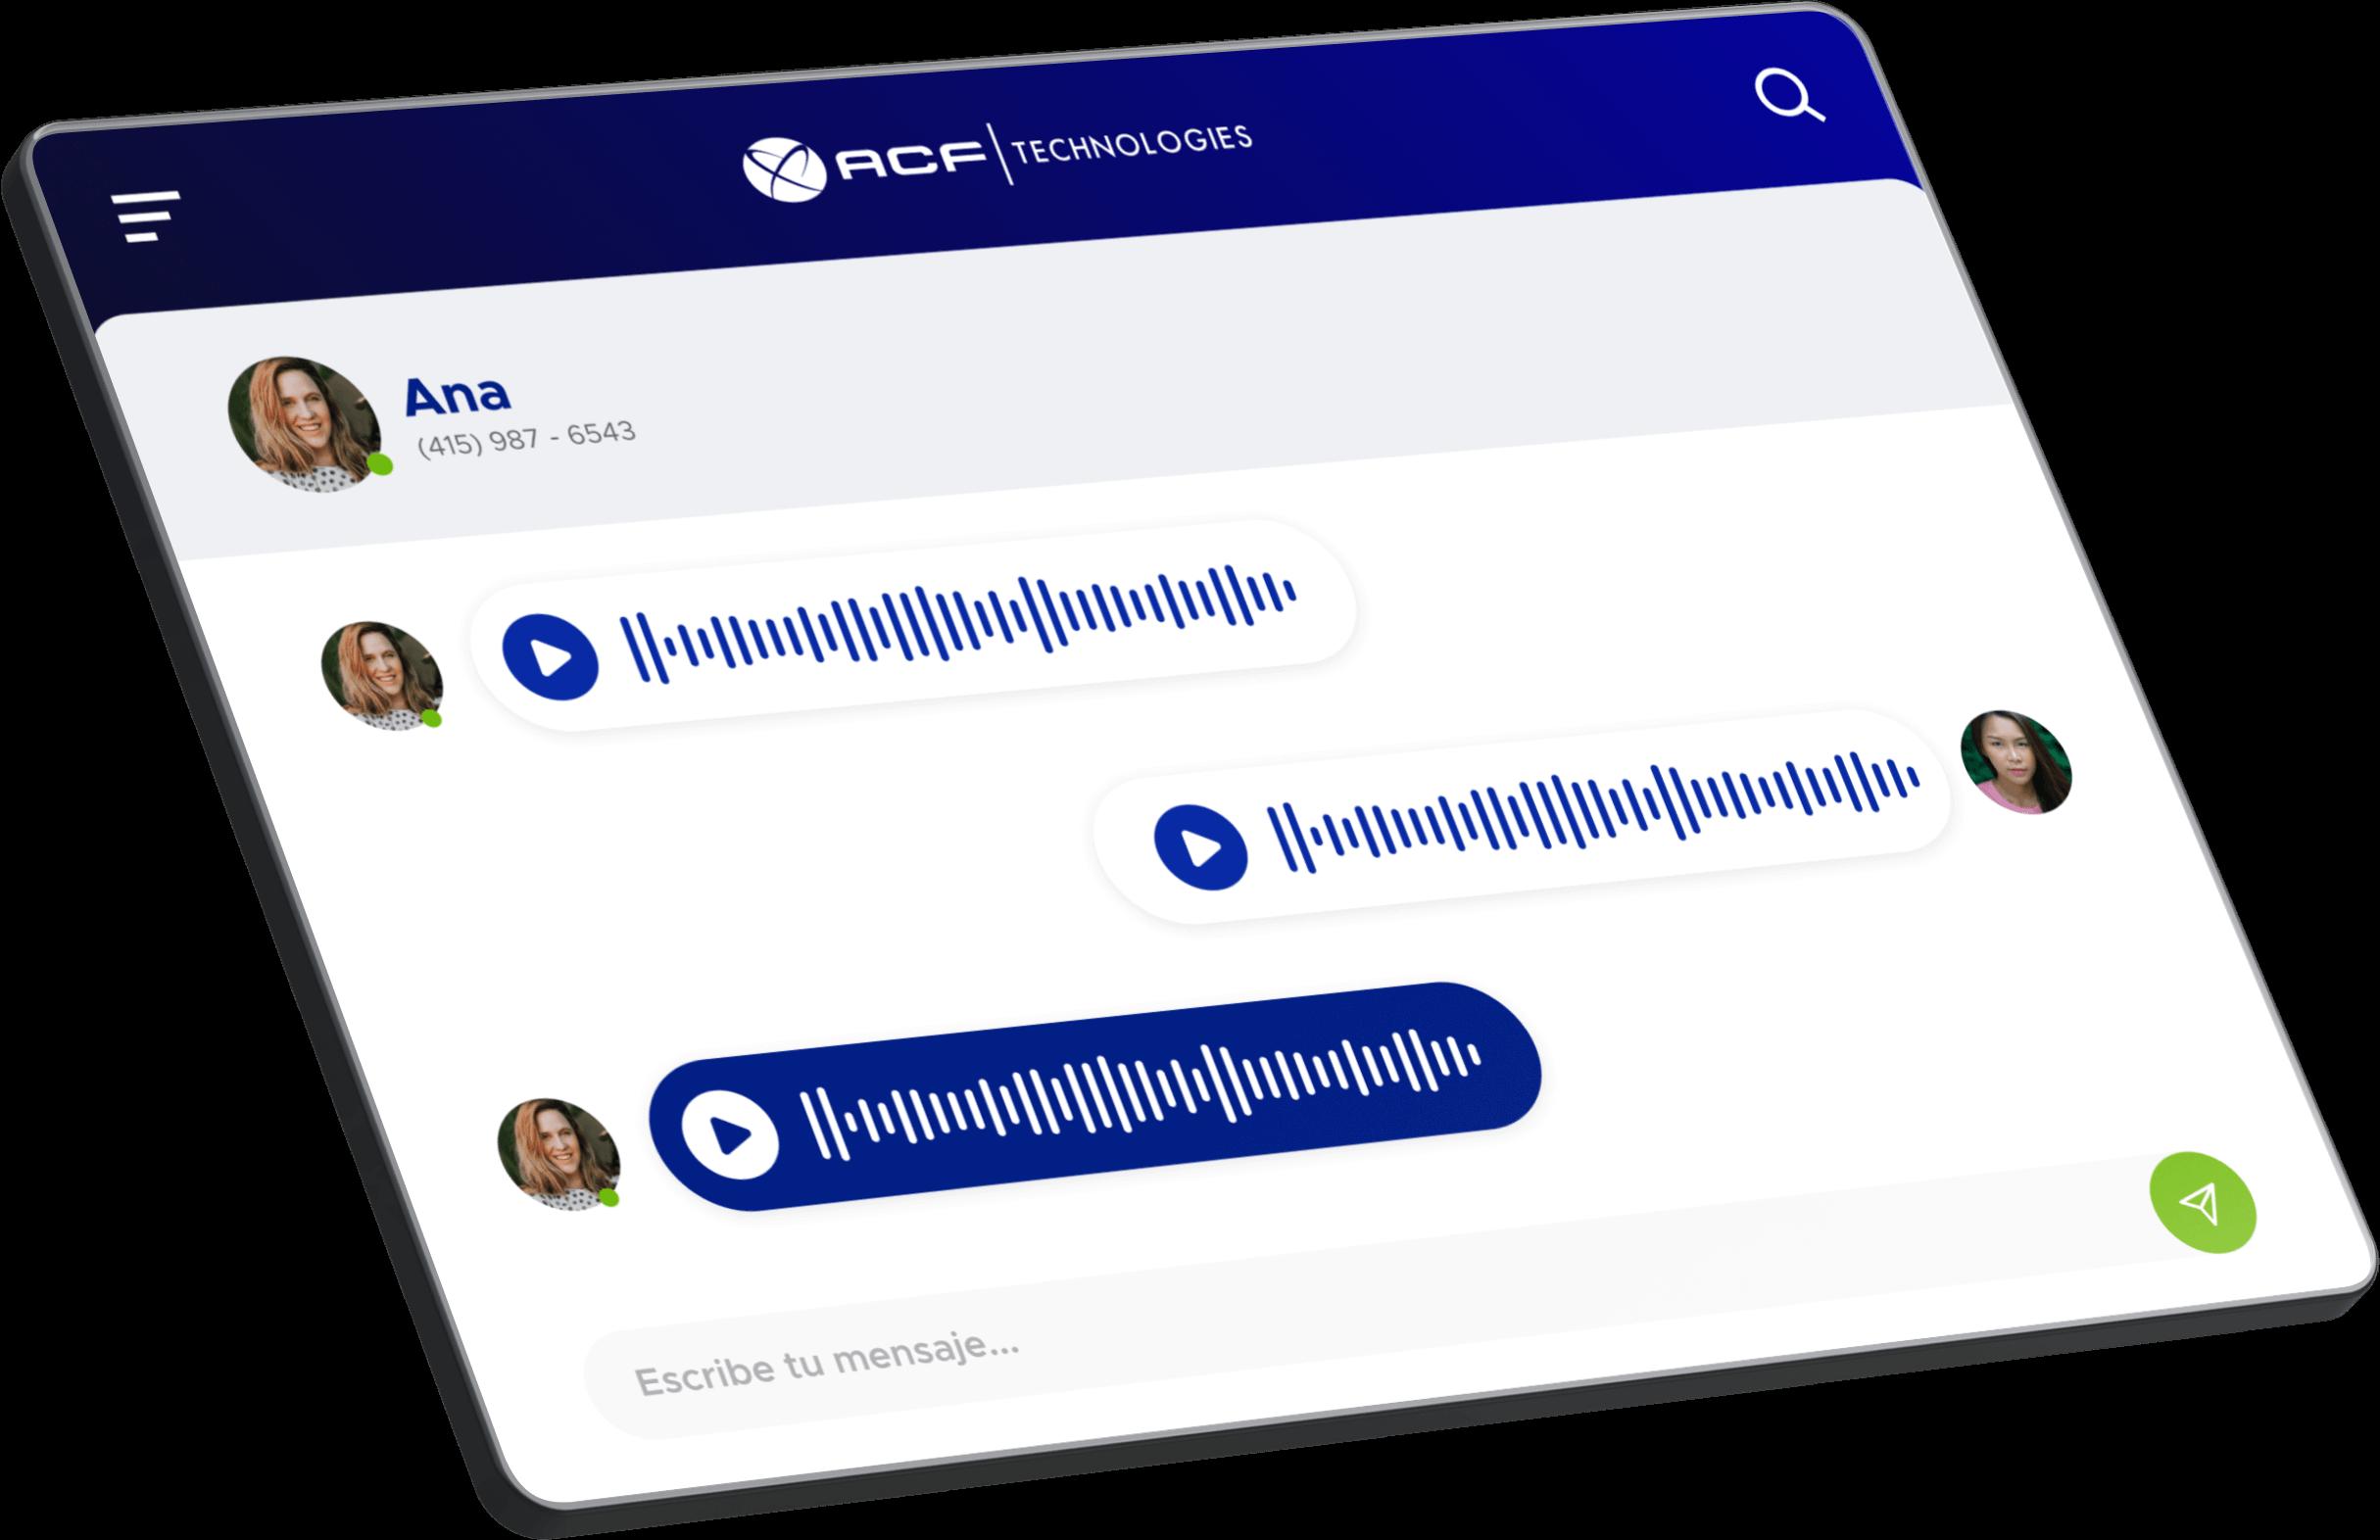 Pantalla de solución de gestión de grabación de ACF Technologies